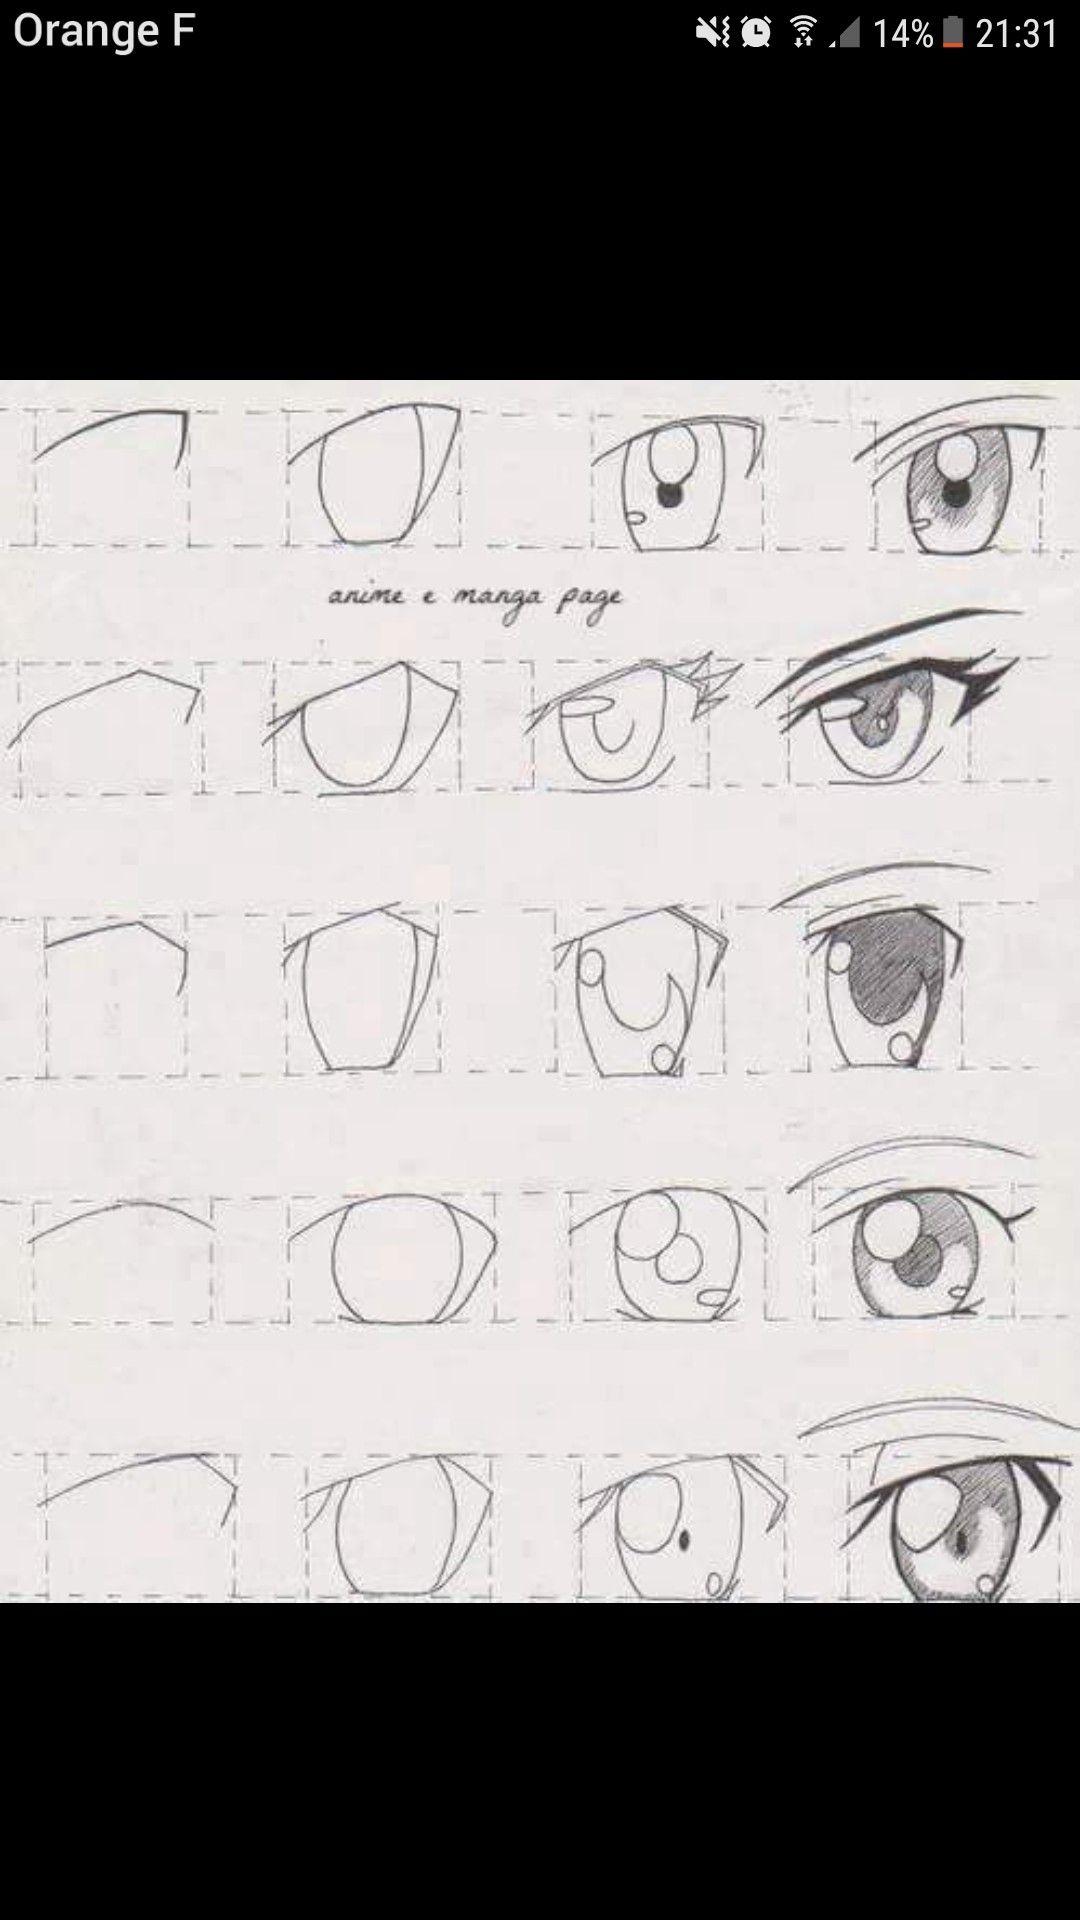 Pin De Manu Em Desenhos De Rostos Olhos Desenho Olhos Manga